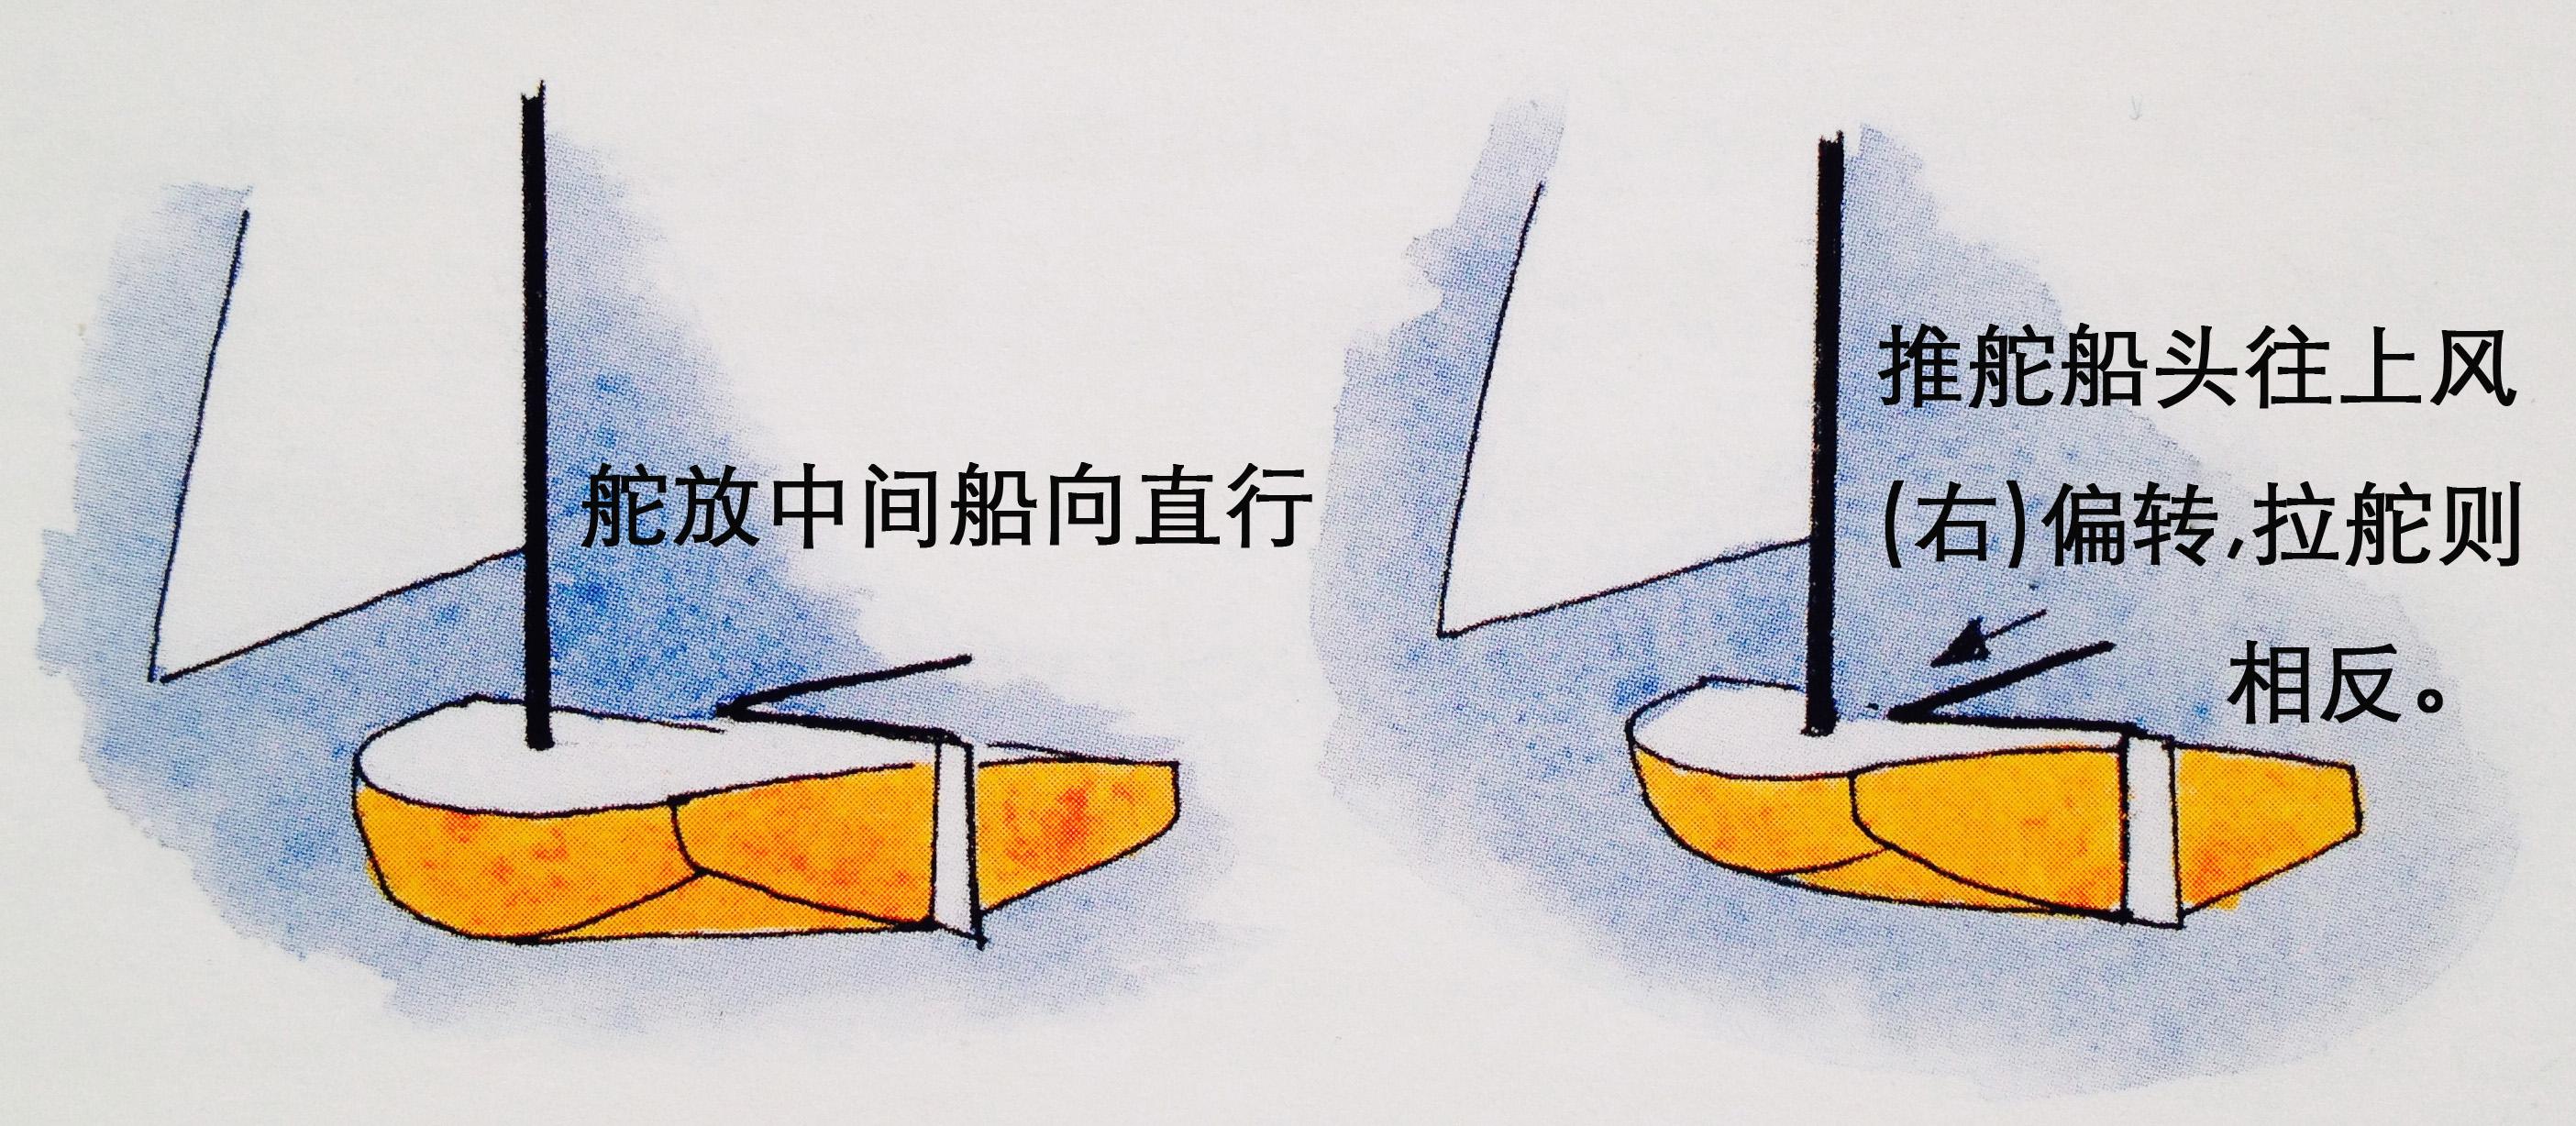 """汽车 船上有两人以上时,掌舵的人叫""""舵手,控制缭绳的人叫""""缭手"""",其他人统称船员。 7c.jpg"""